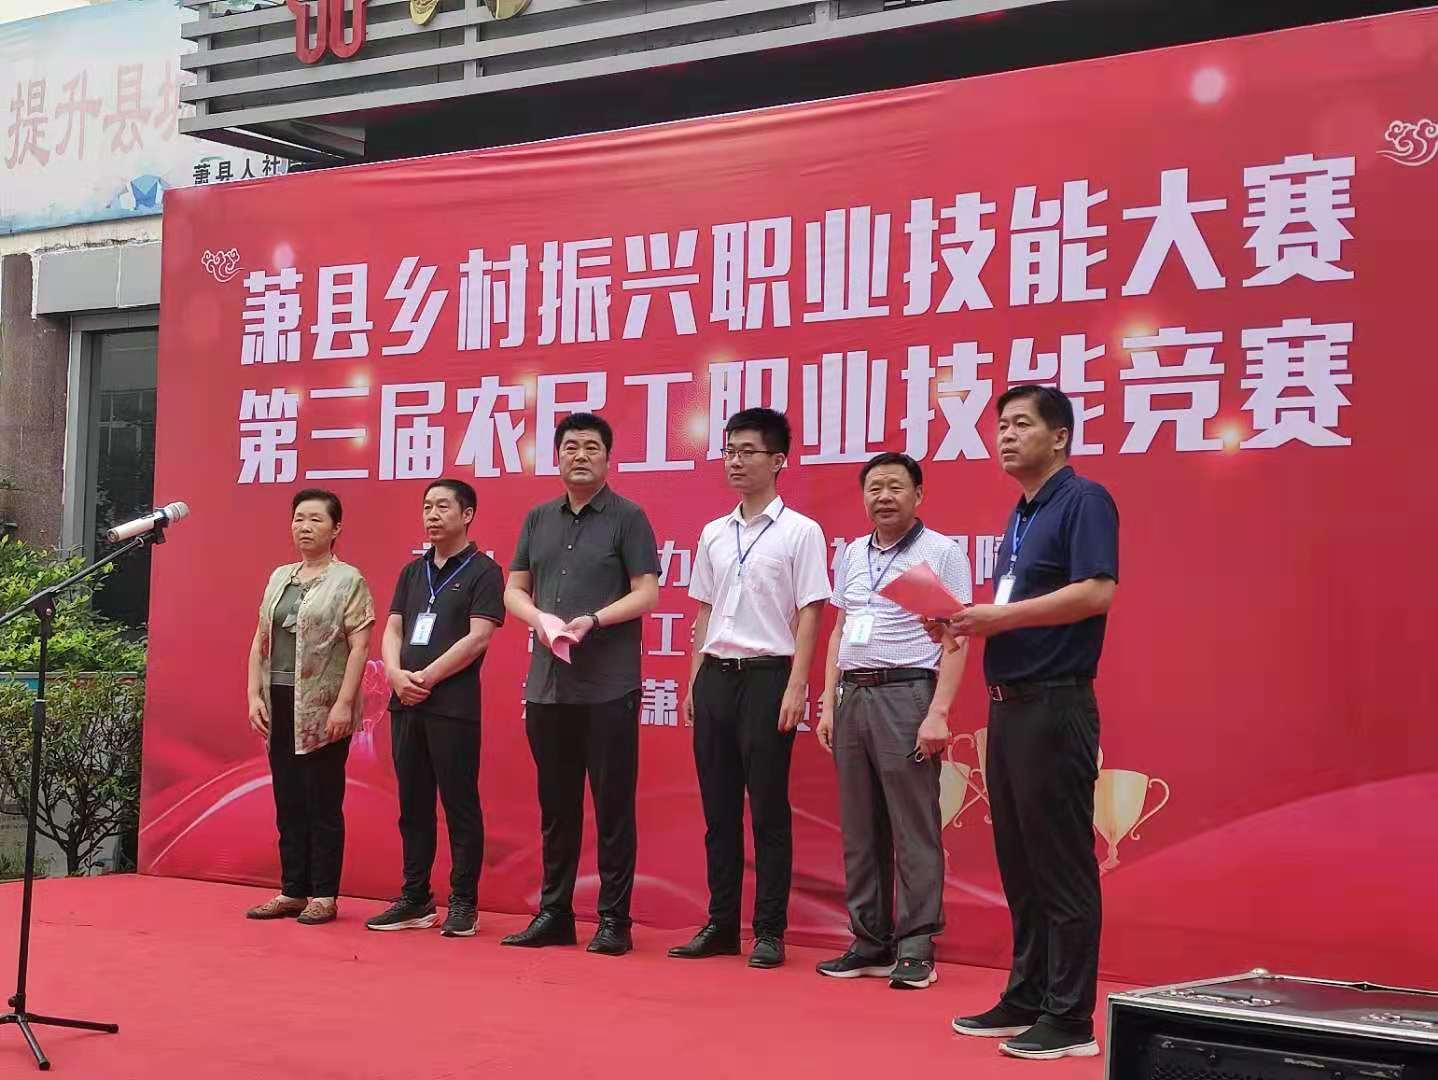 萧县在线第三节农民工职业技能大赛